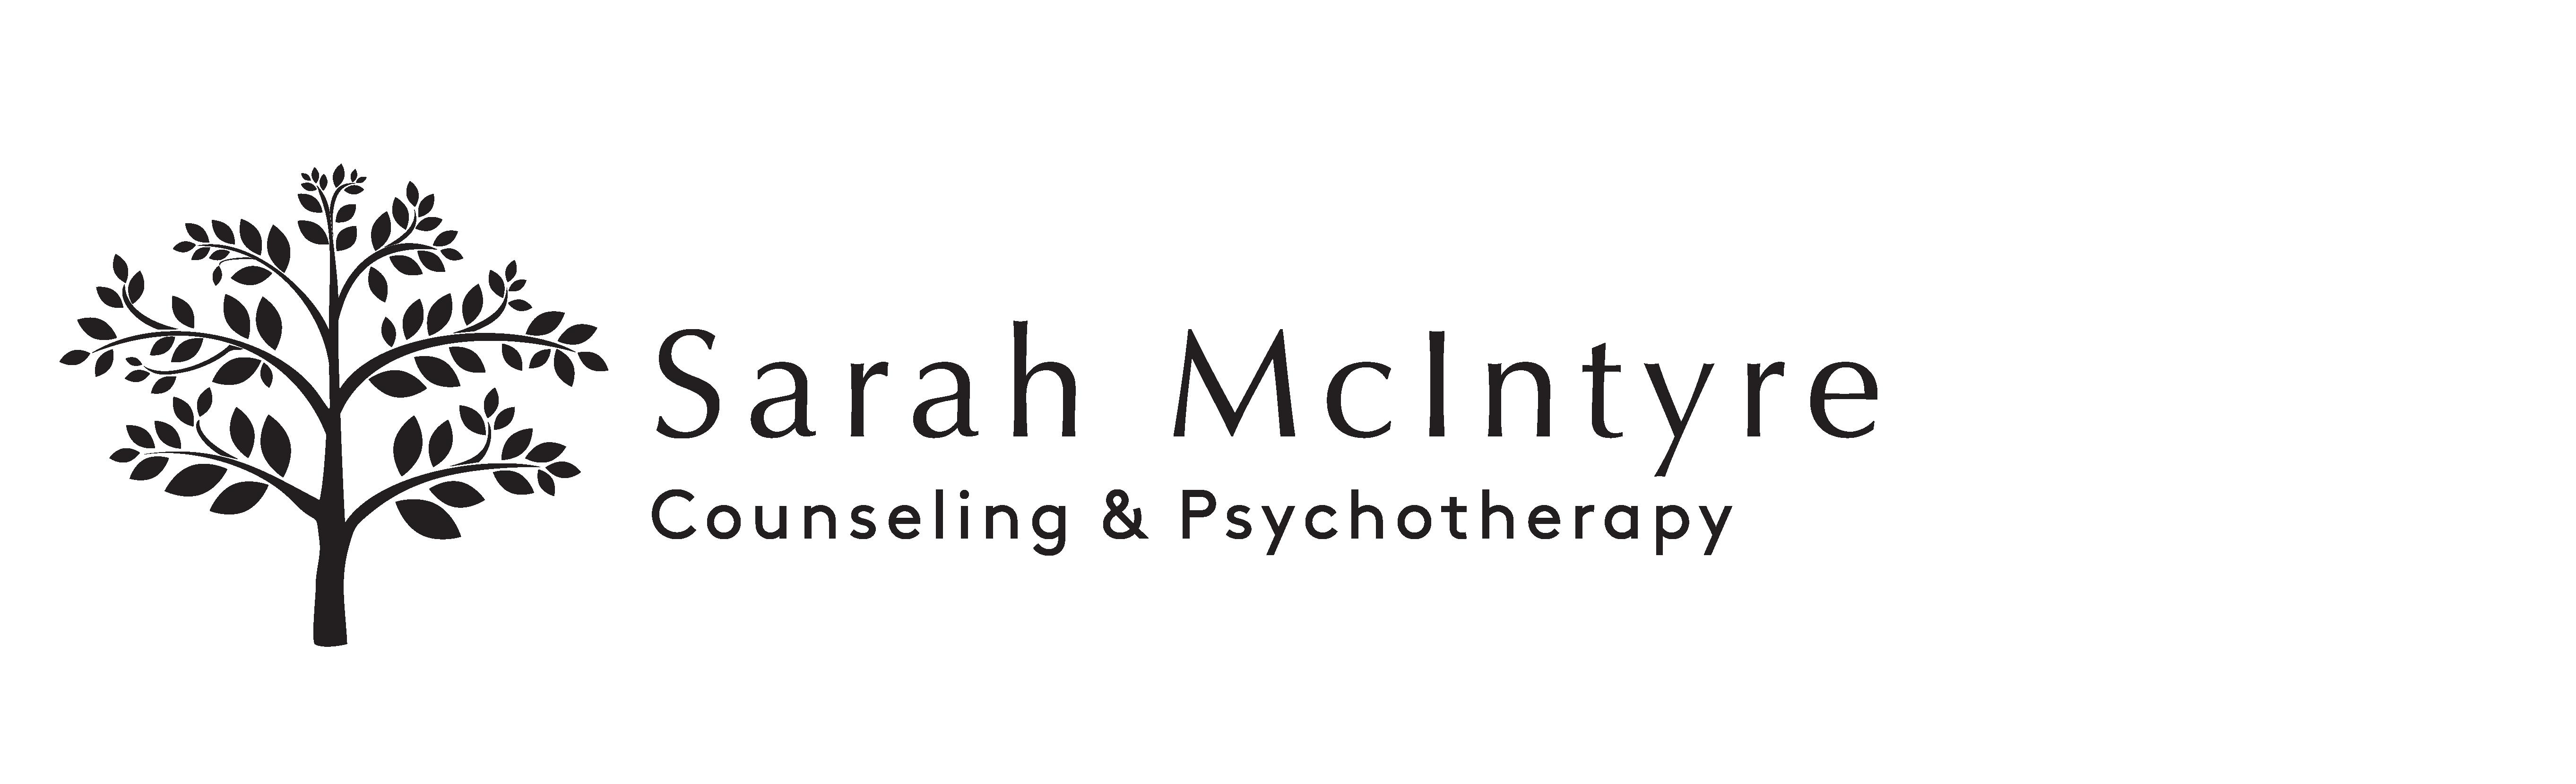 Sarah McIntyre, LPC